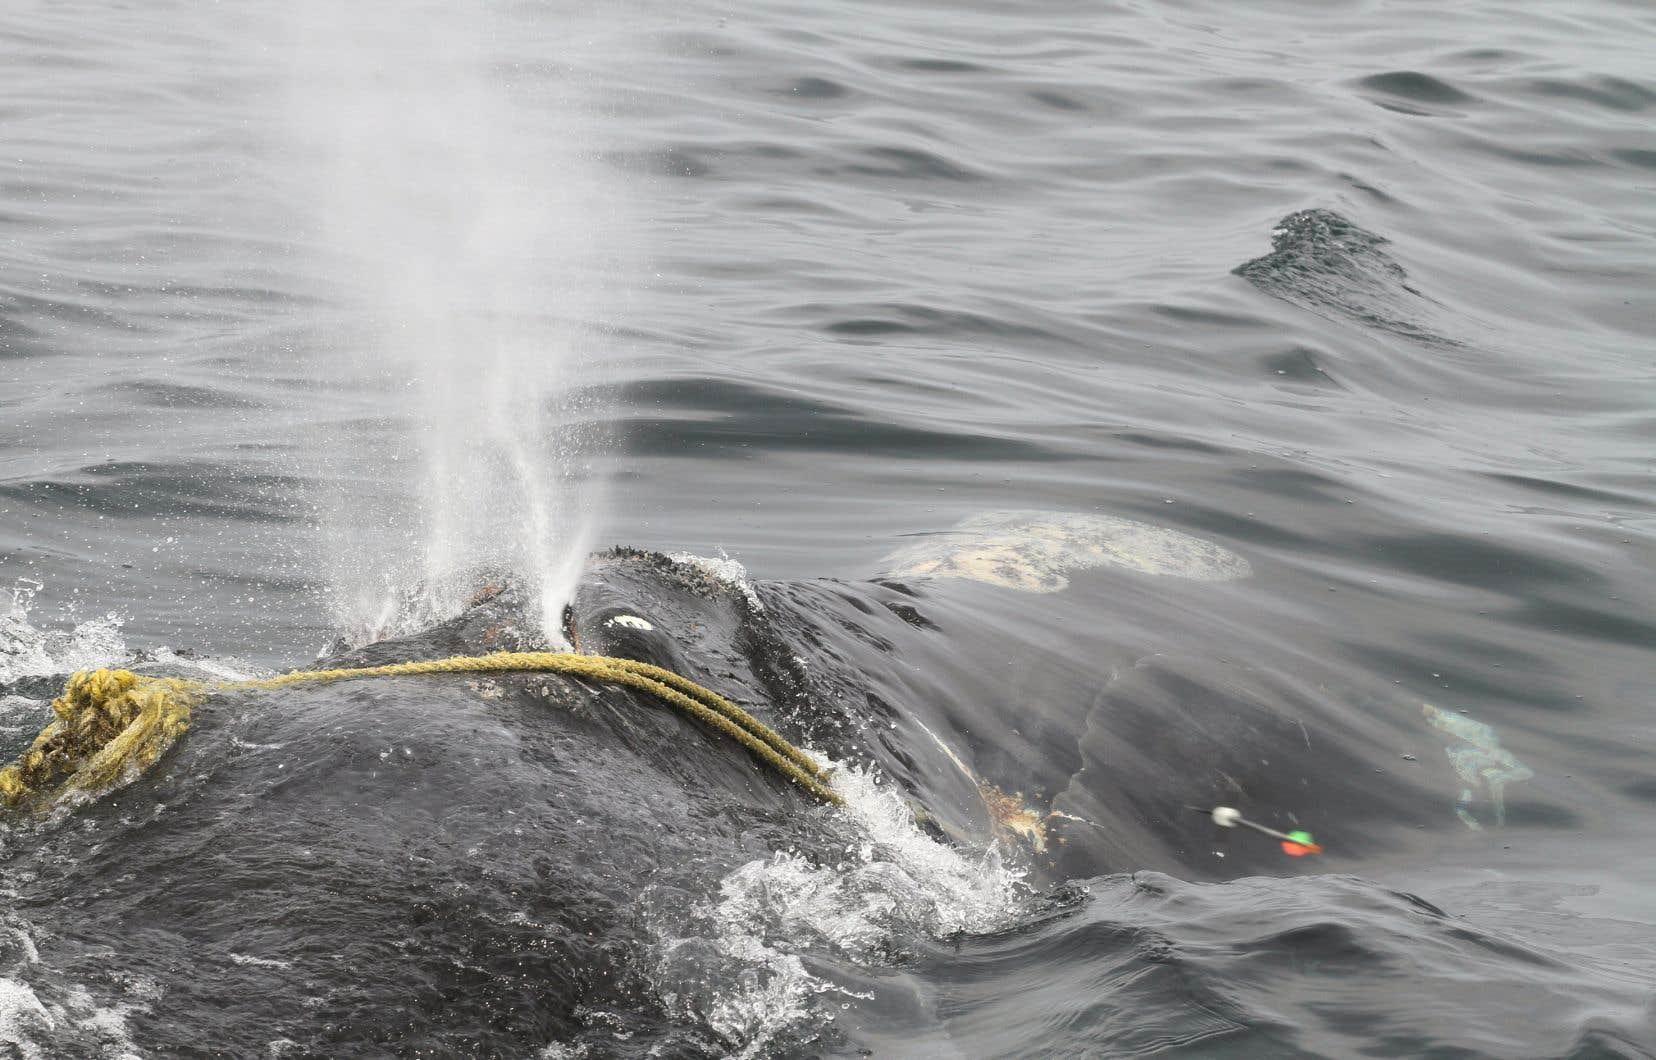 Plus de 80% des baleines noires adultes portent des cicatrices de cordages de pêche. La baleine noire femelle nommée «Kleenex» (sur la photo) a disparu après avoir été vue sévèrement empêtrée.